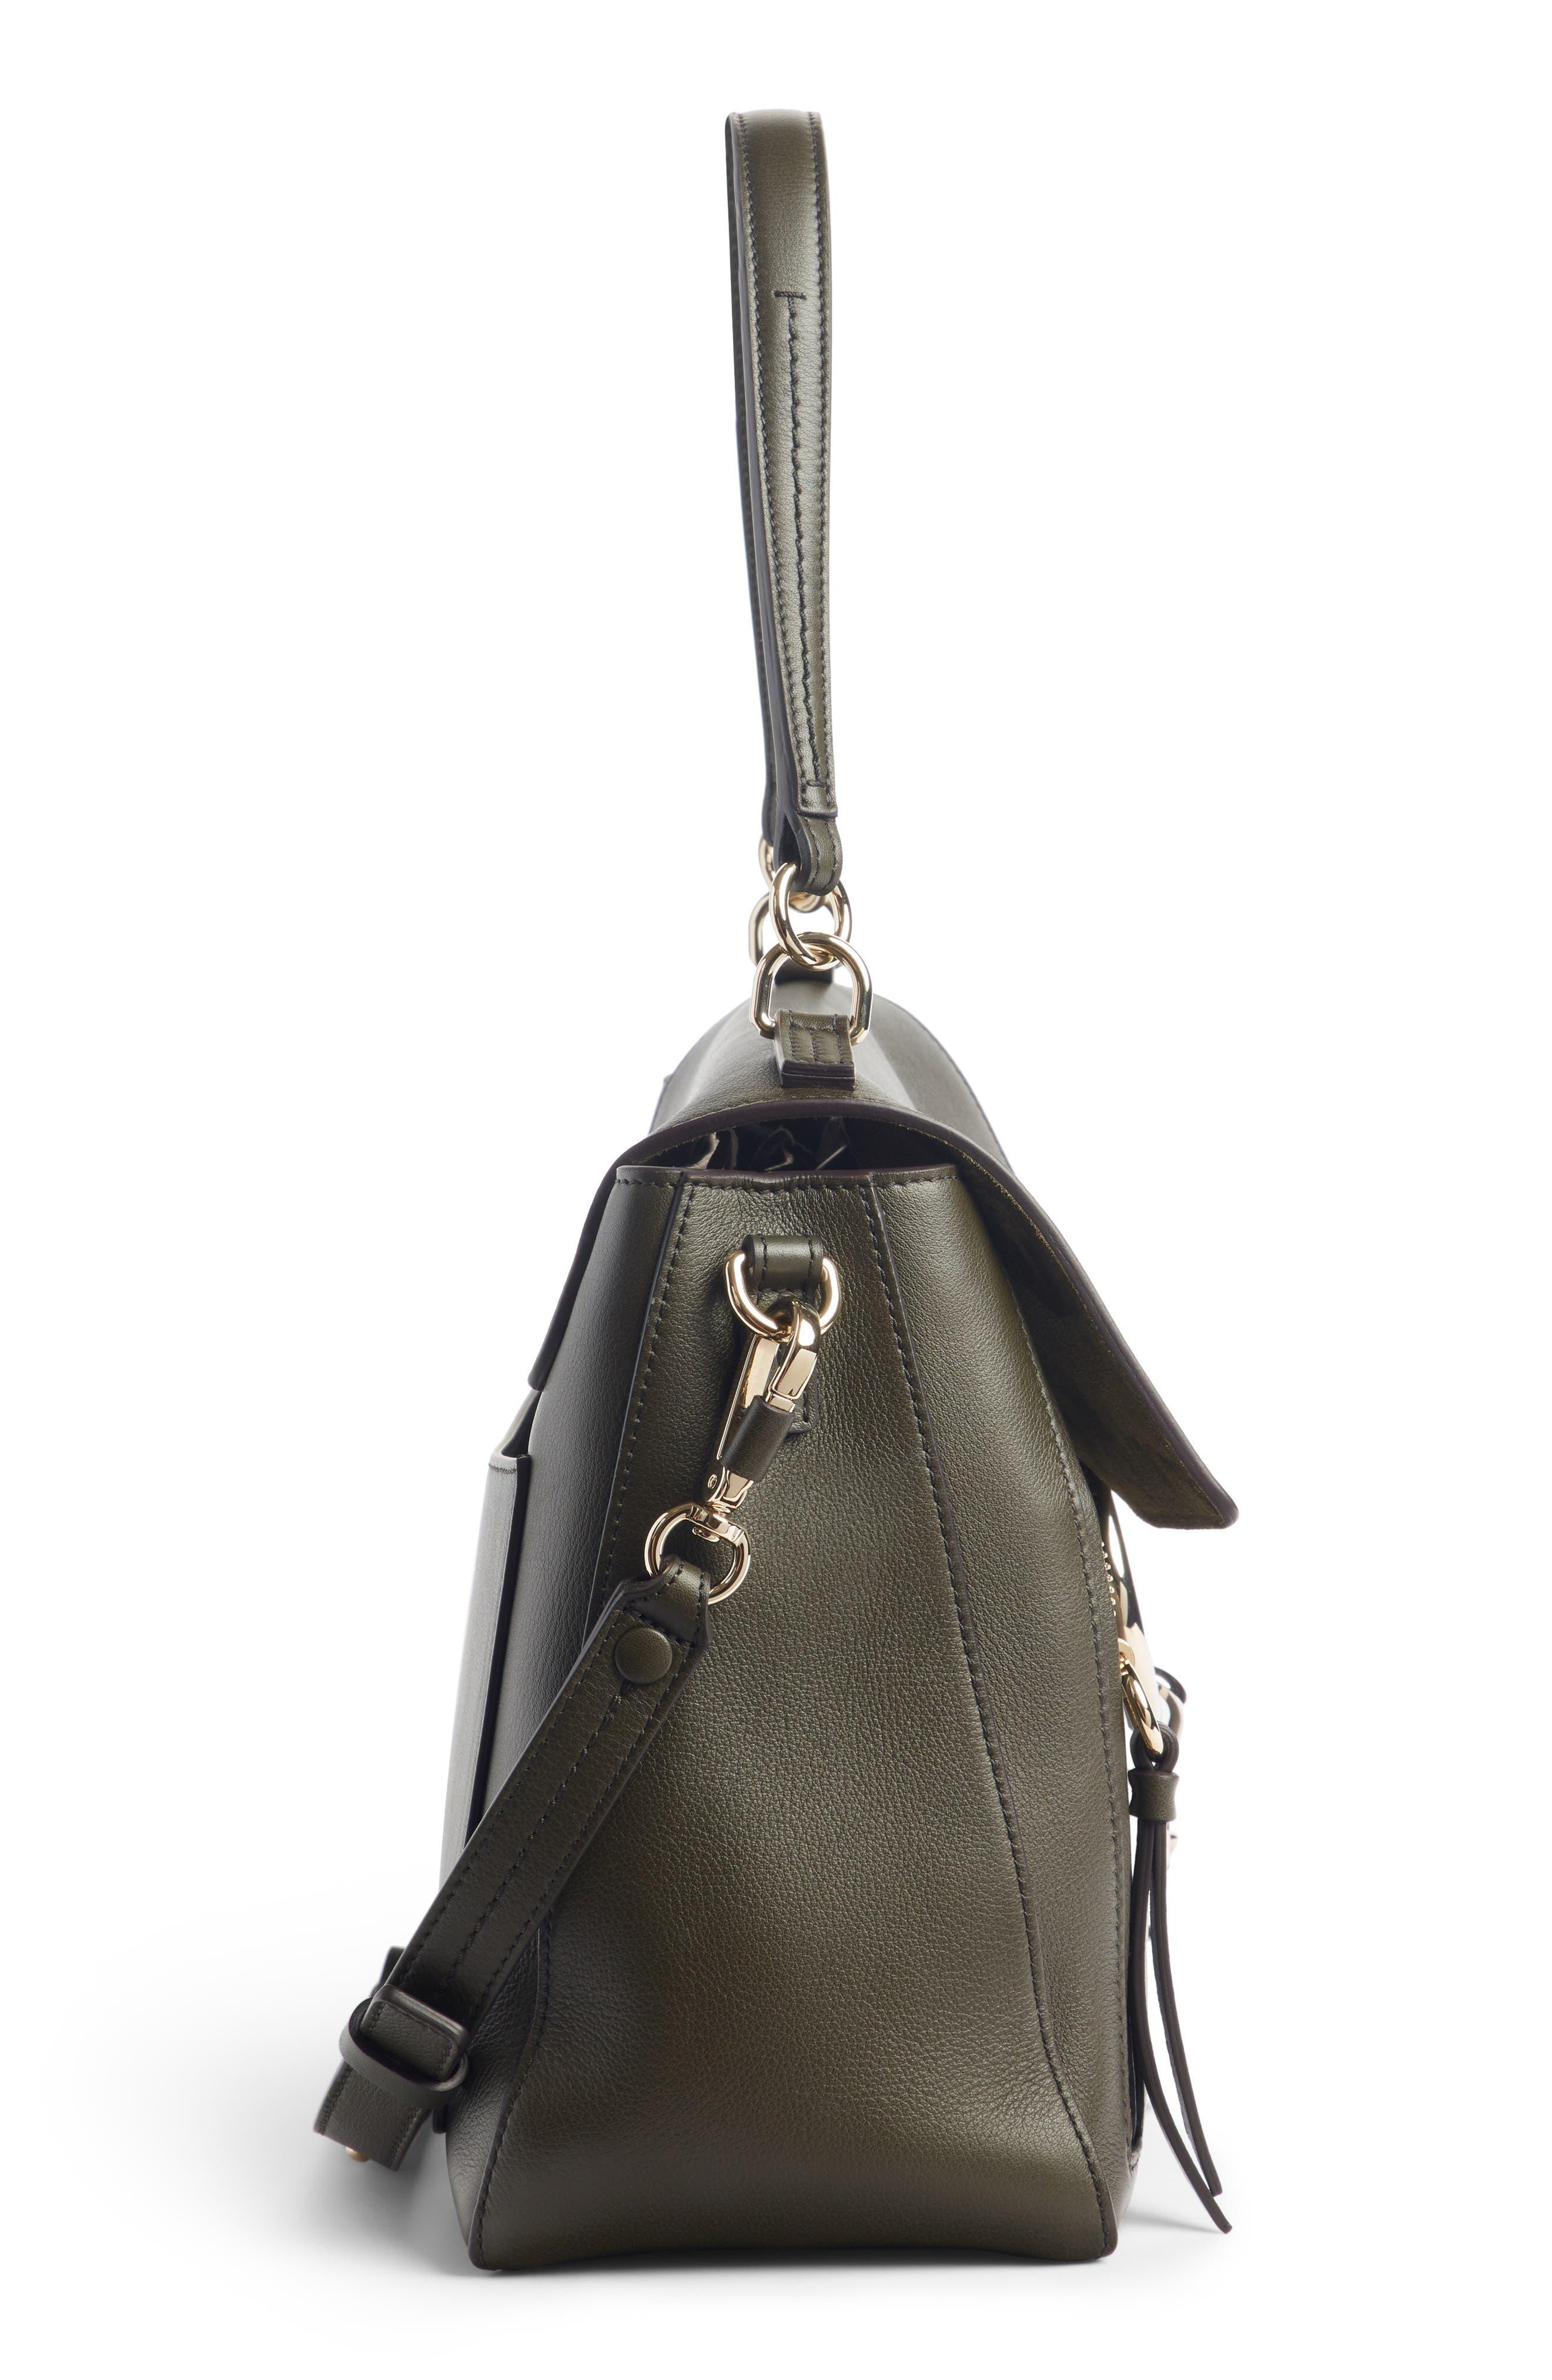 Medium Faye Leather Shoulder Bag,                             Alternate thumbnail 4, color,                             DEEP FOREST